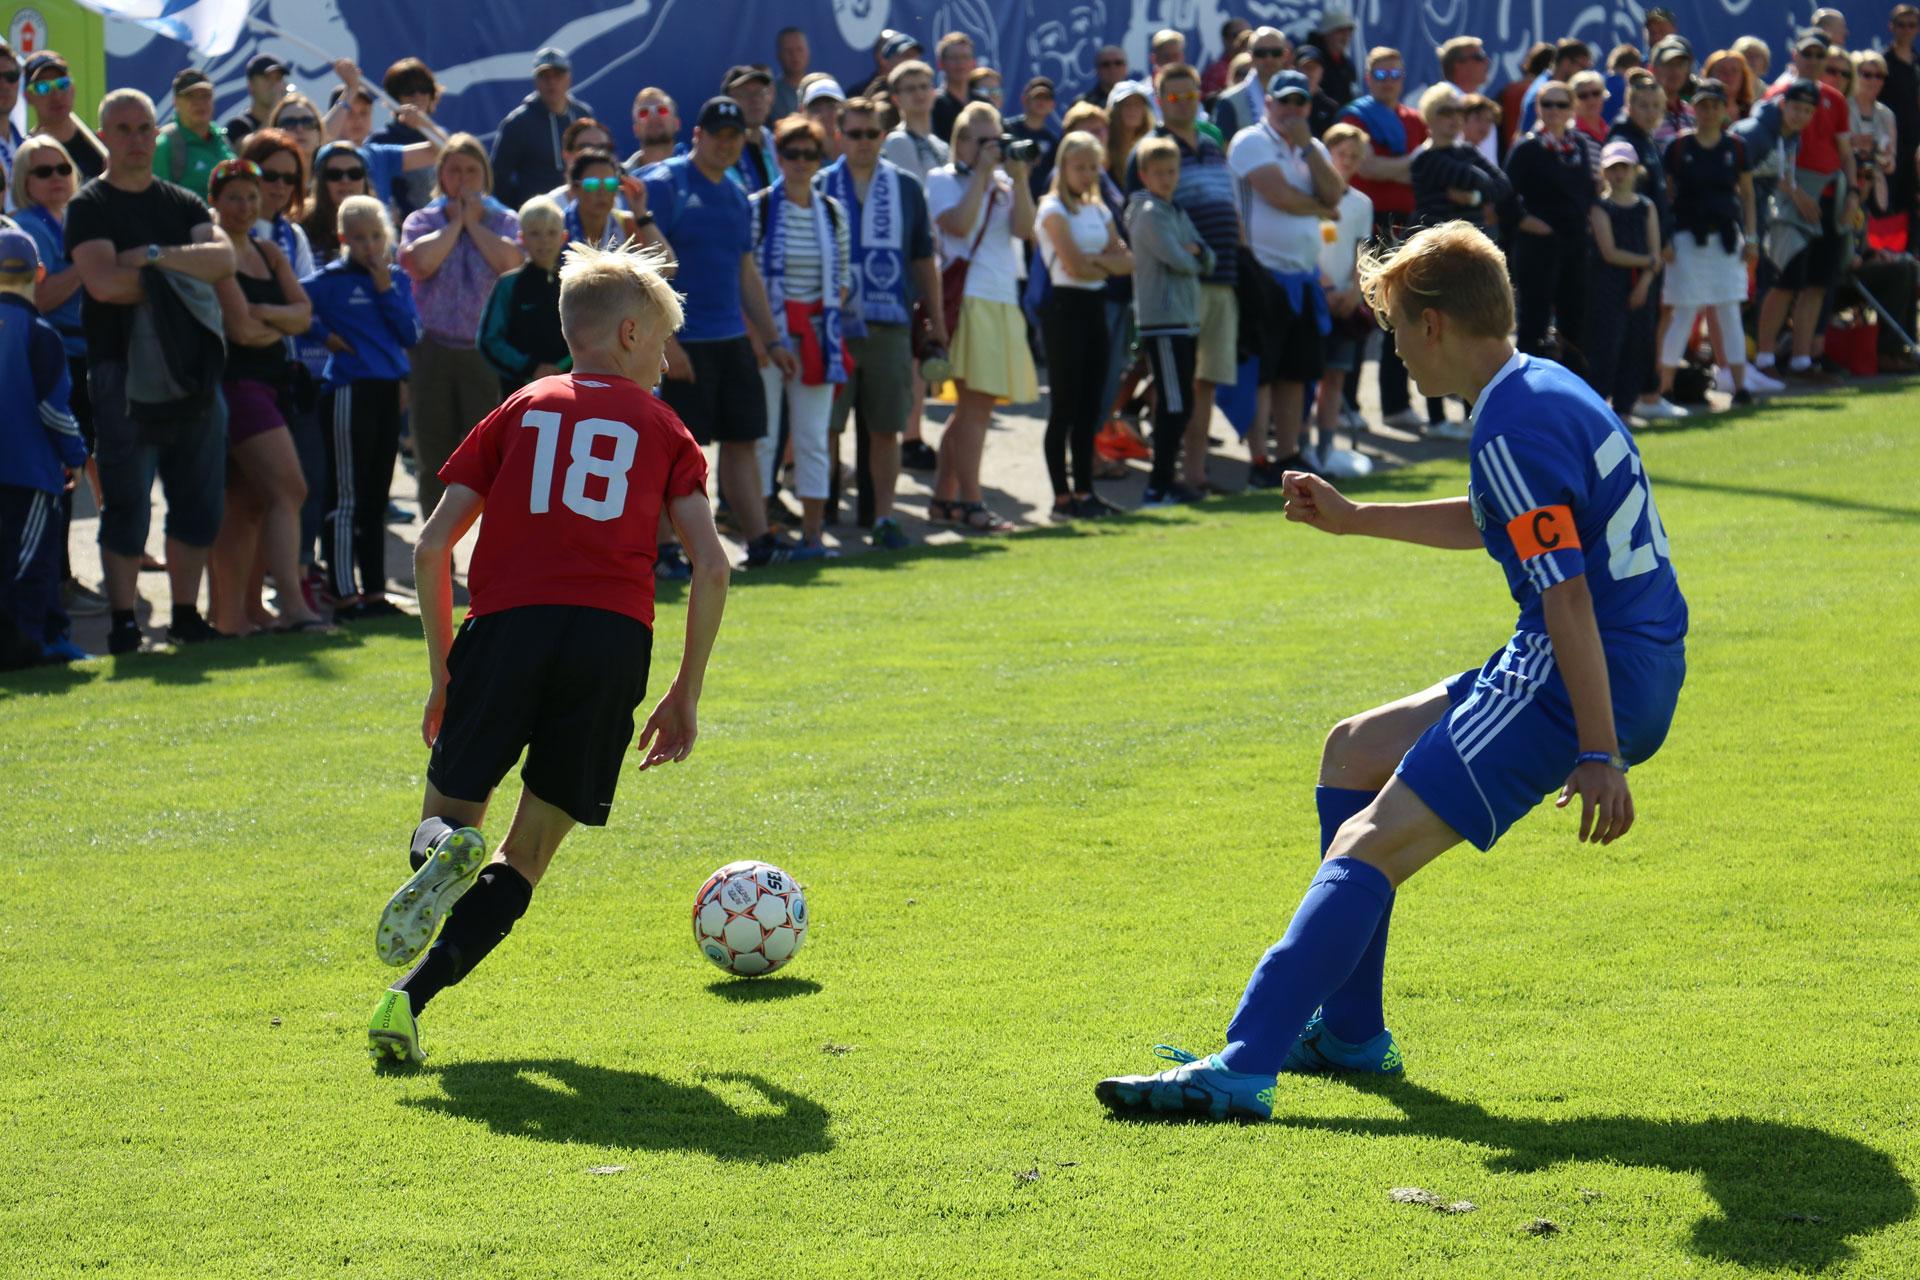 Linkki tapahtumaan Helsinki Cup 2020